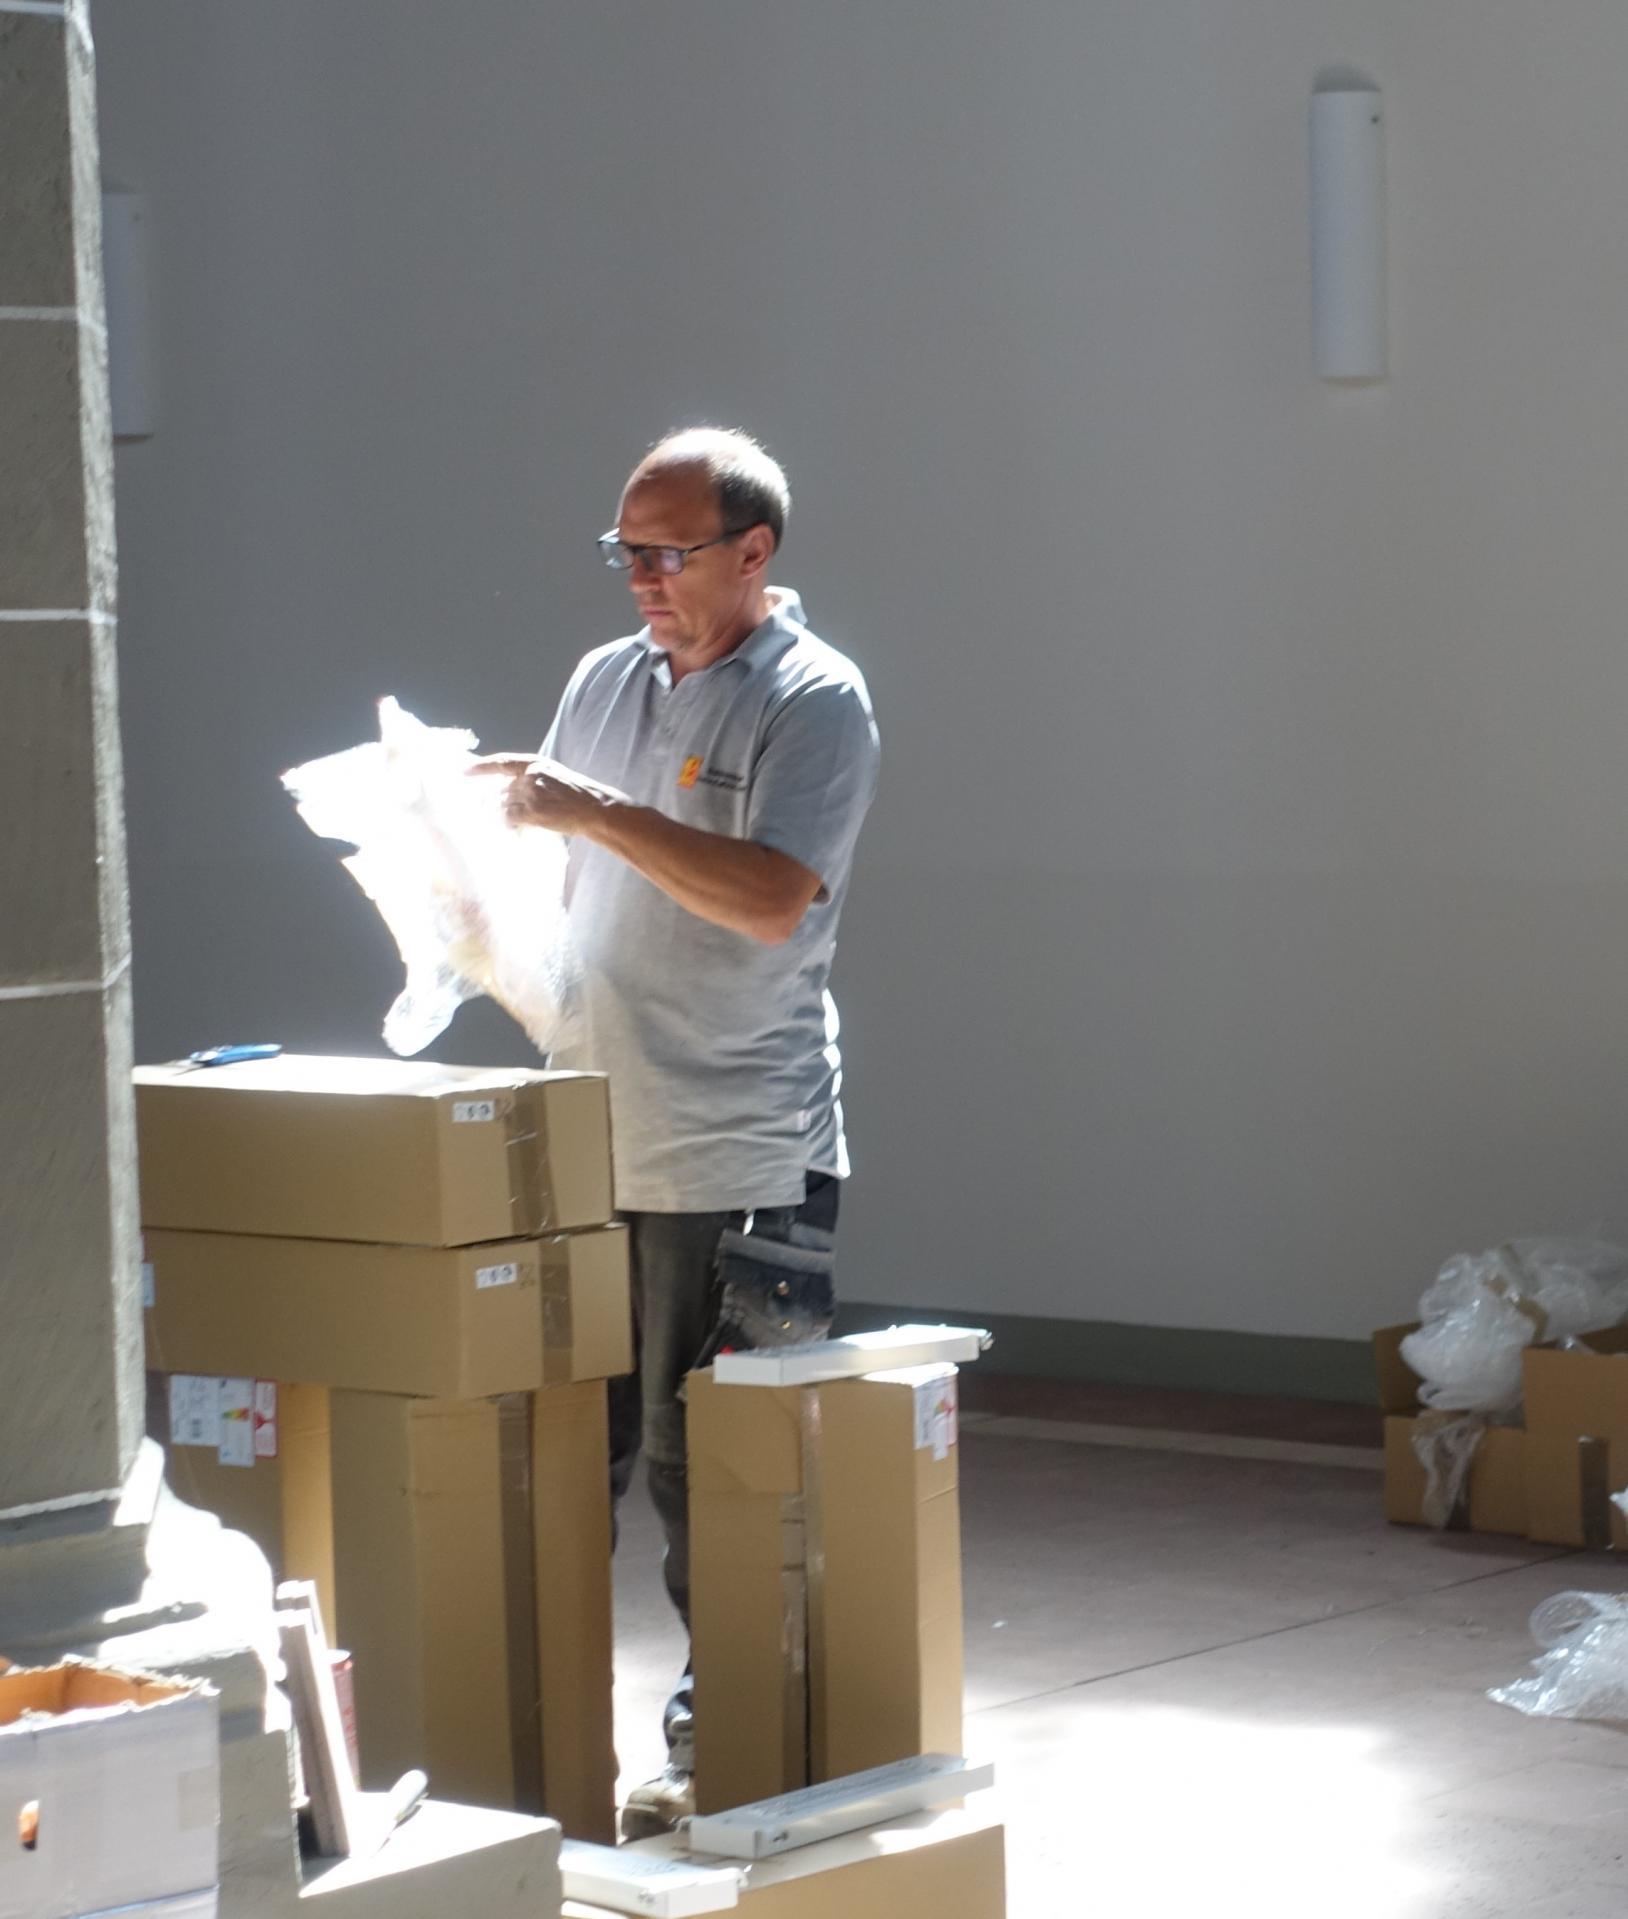 H.Wendt von der Fa. Dette-Kulfürst packt die Lampenschirme aus, die mit weißen Handschuhen auf die Leuchtdioden der Basisplatten befestigt werden.